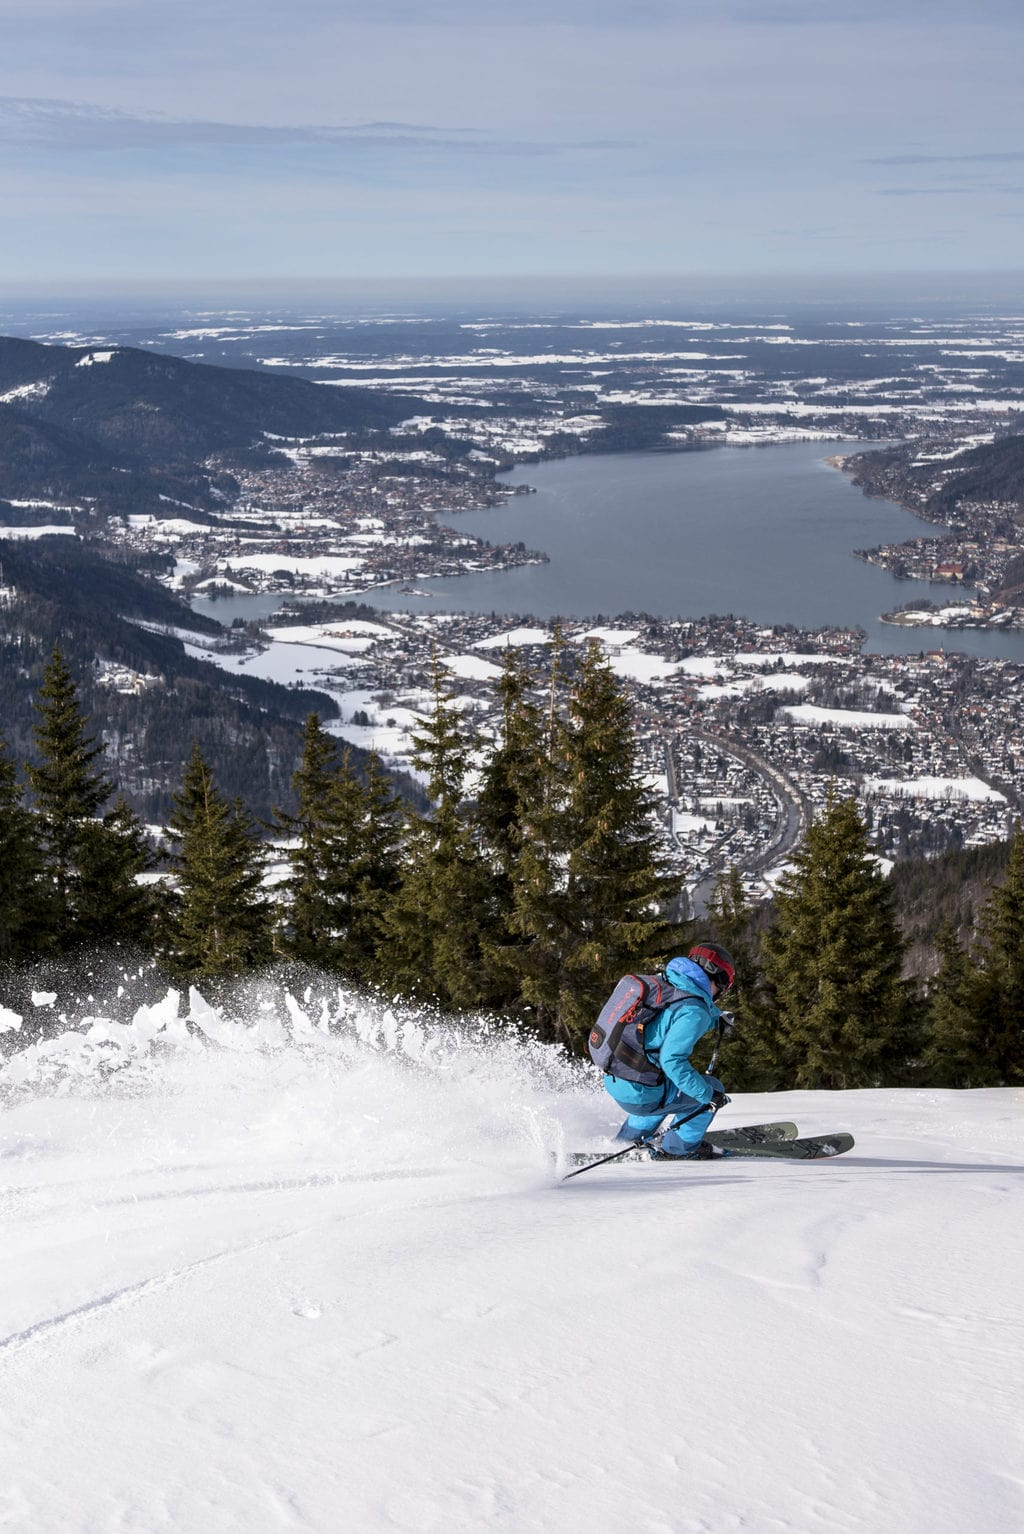 Afdaling in de sneeuw aan de Tegernsee